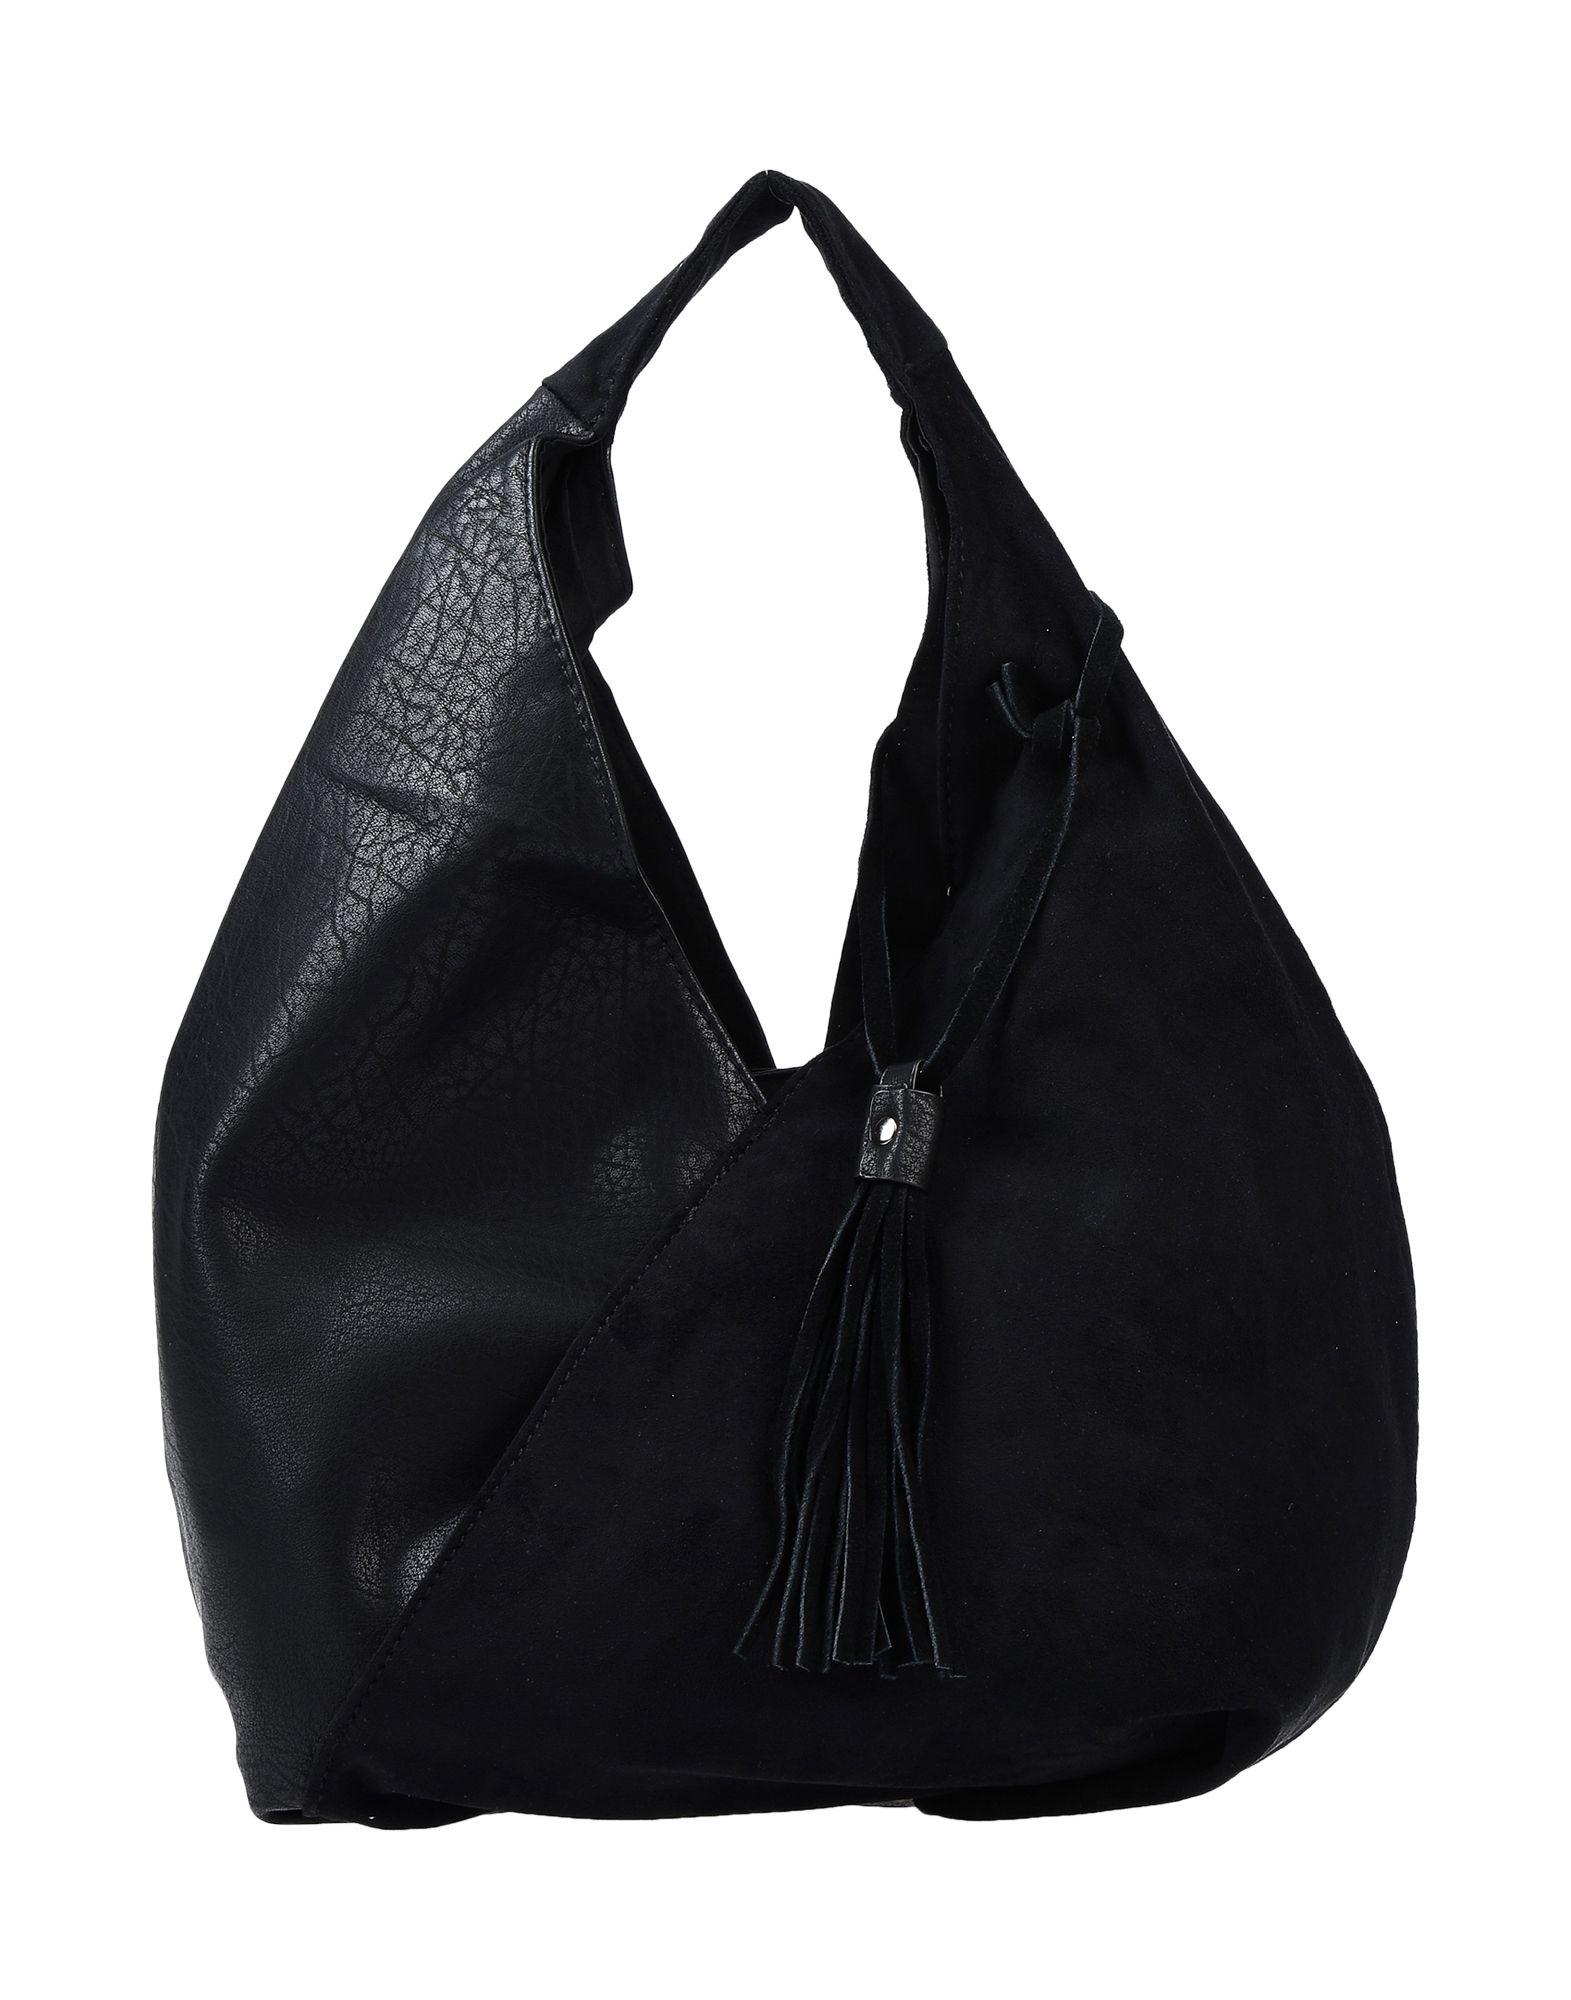 《送料無料》TSD12 レディース ハンドバッグ ブラック 革 / 紡績繊維